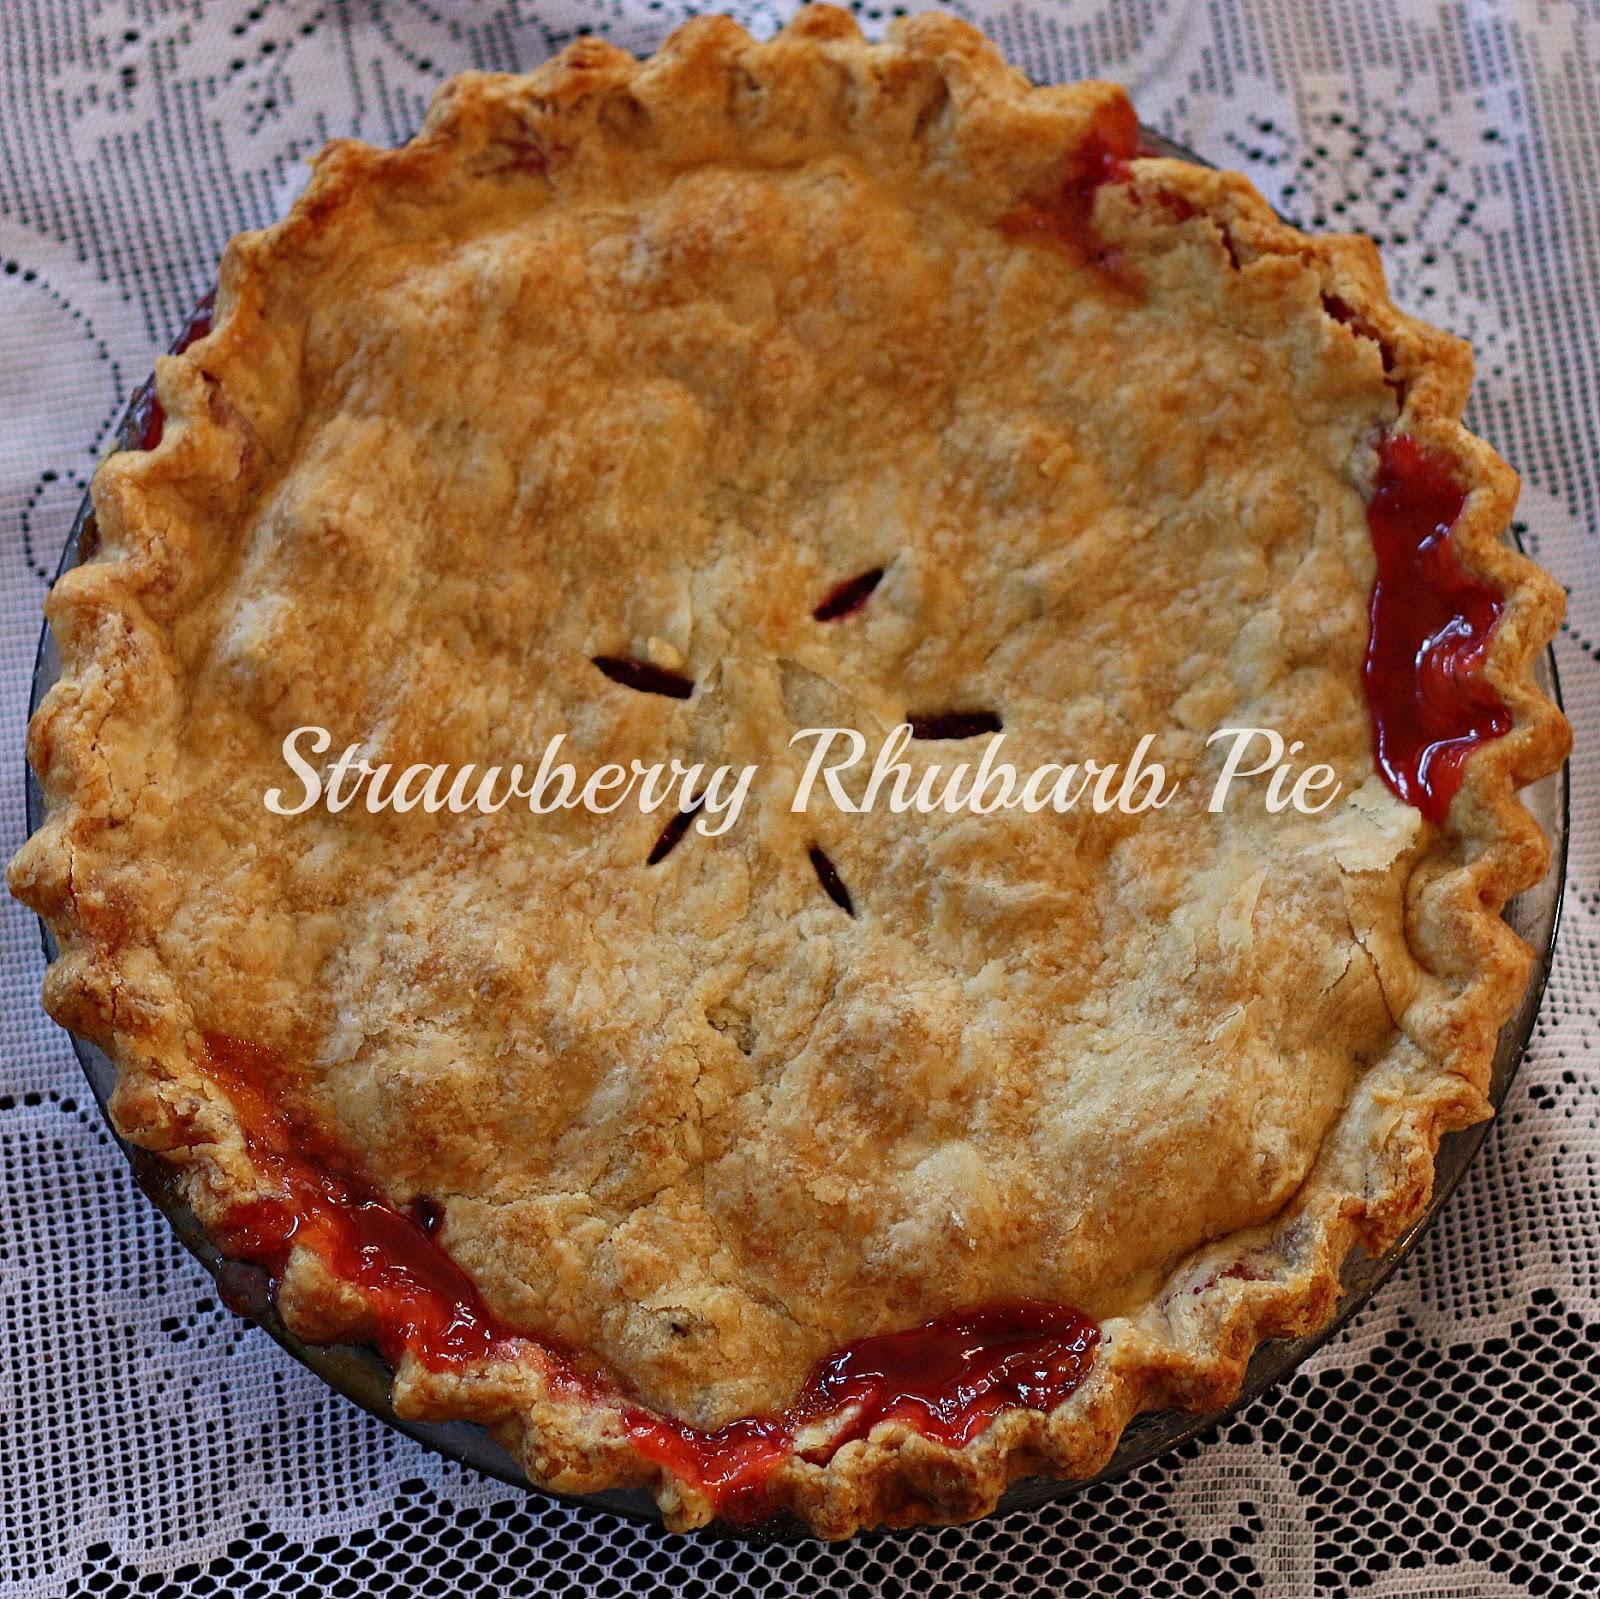 Clawson Live: Strawberry Rhubarb Pie